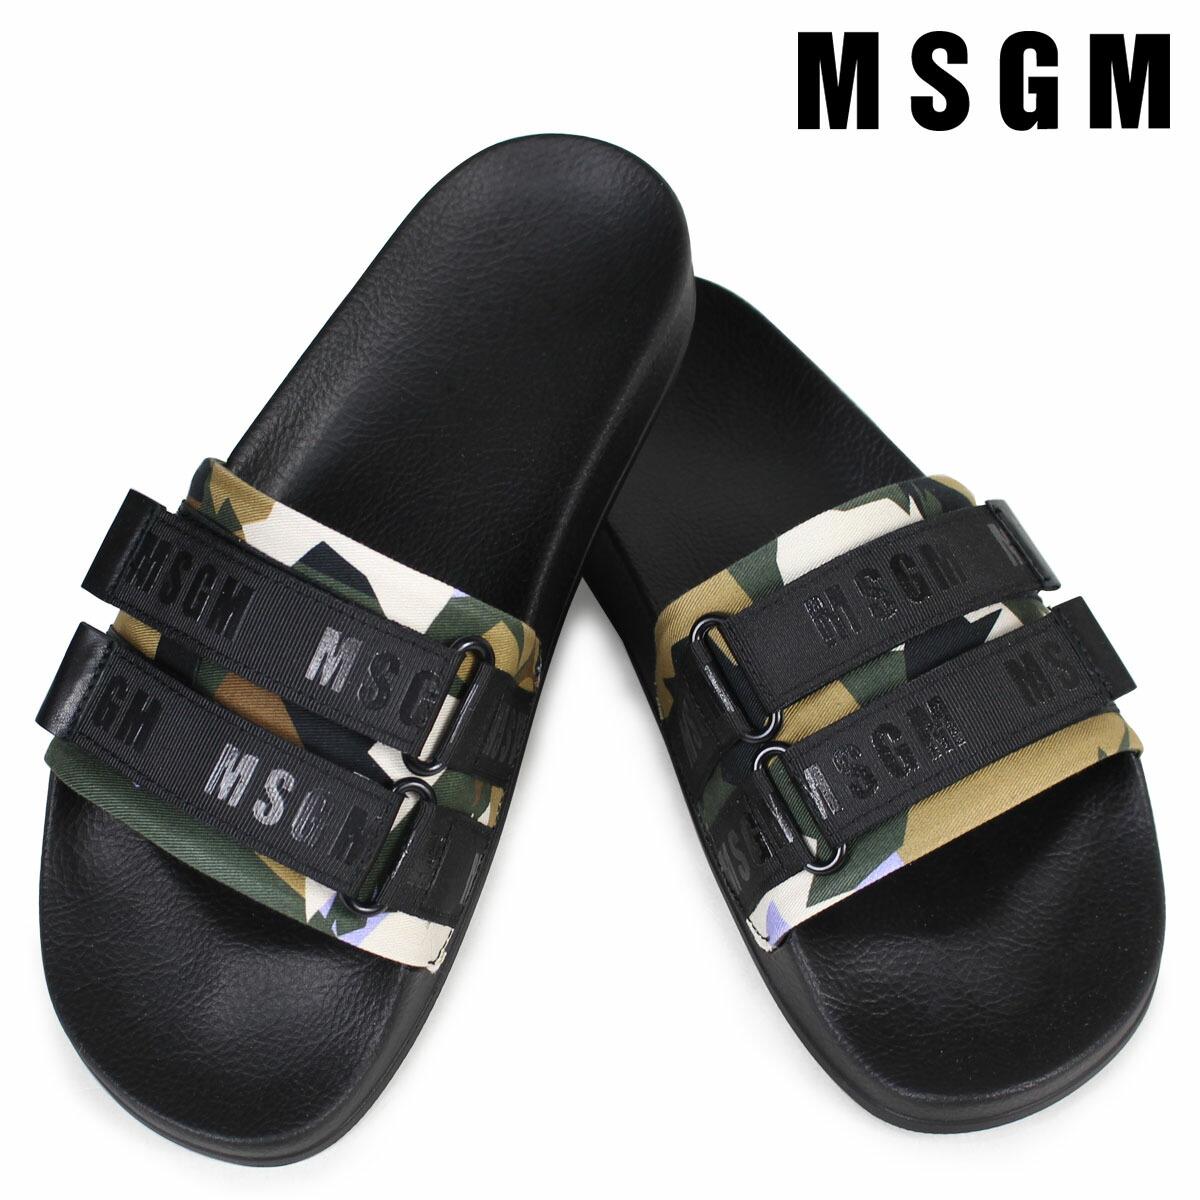 MSGM サンダル メンズ エムエスジーエム シャワーサンダル SHOWER SANDALS 2440MS105 320 ブラック [2/7 新入荷]